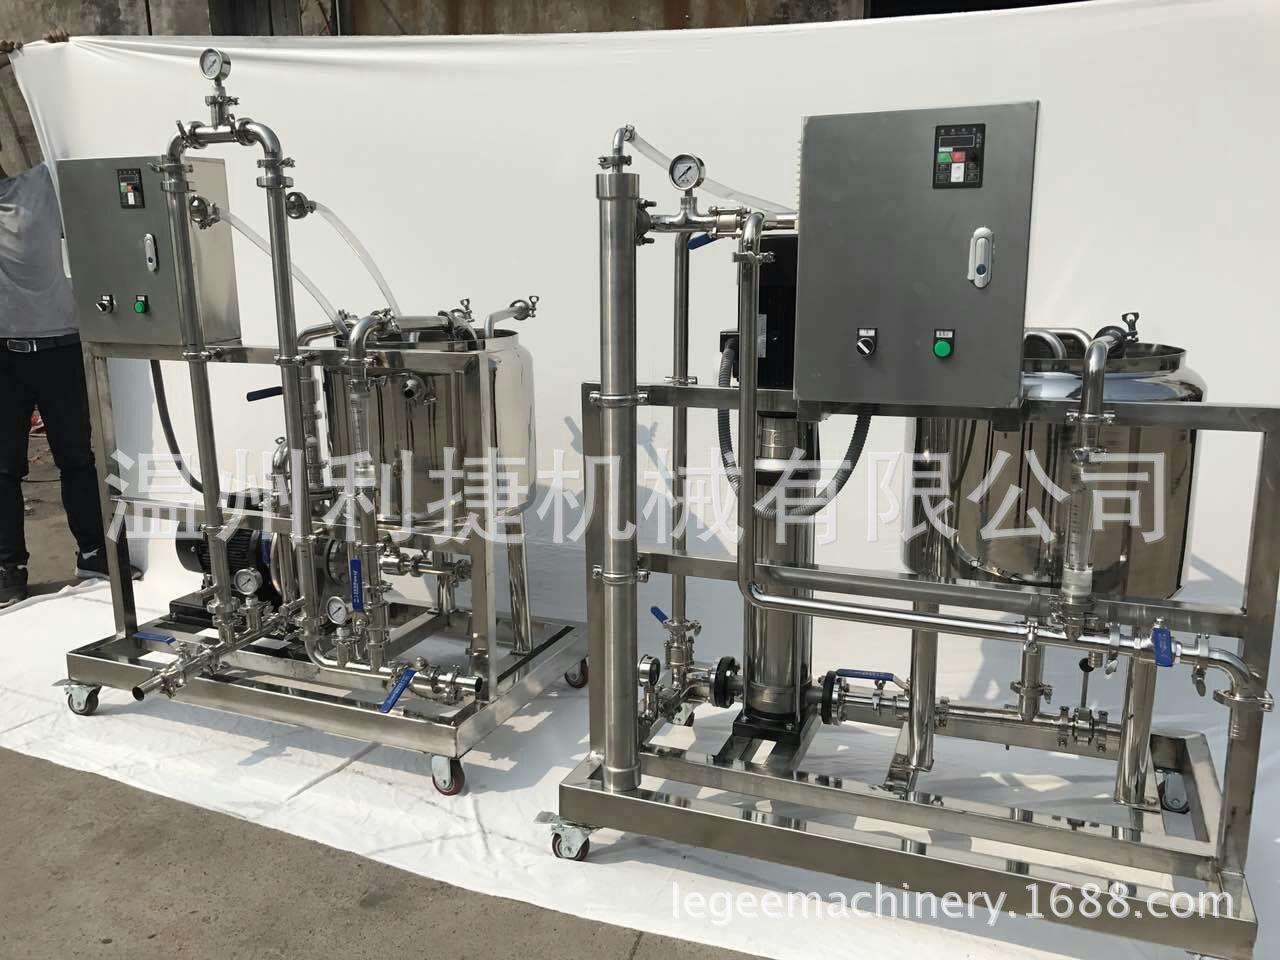 全自动反渗透水处理设备 净水器 纯净水生产设备示例图2